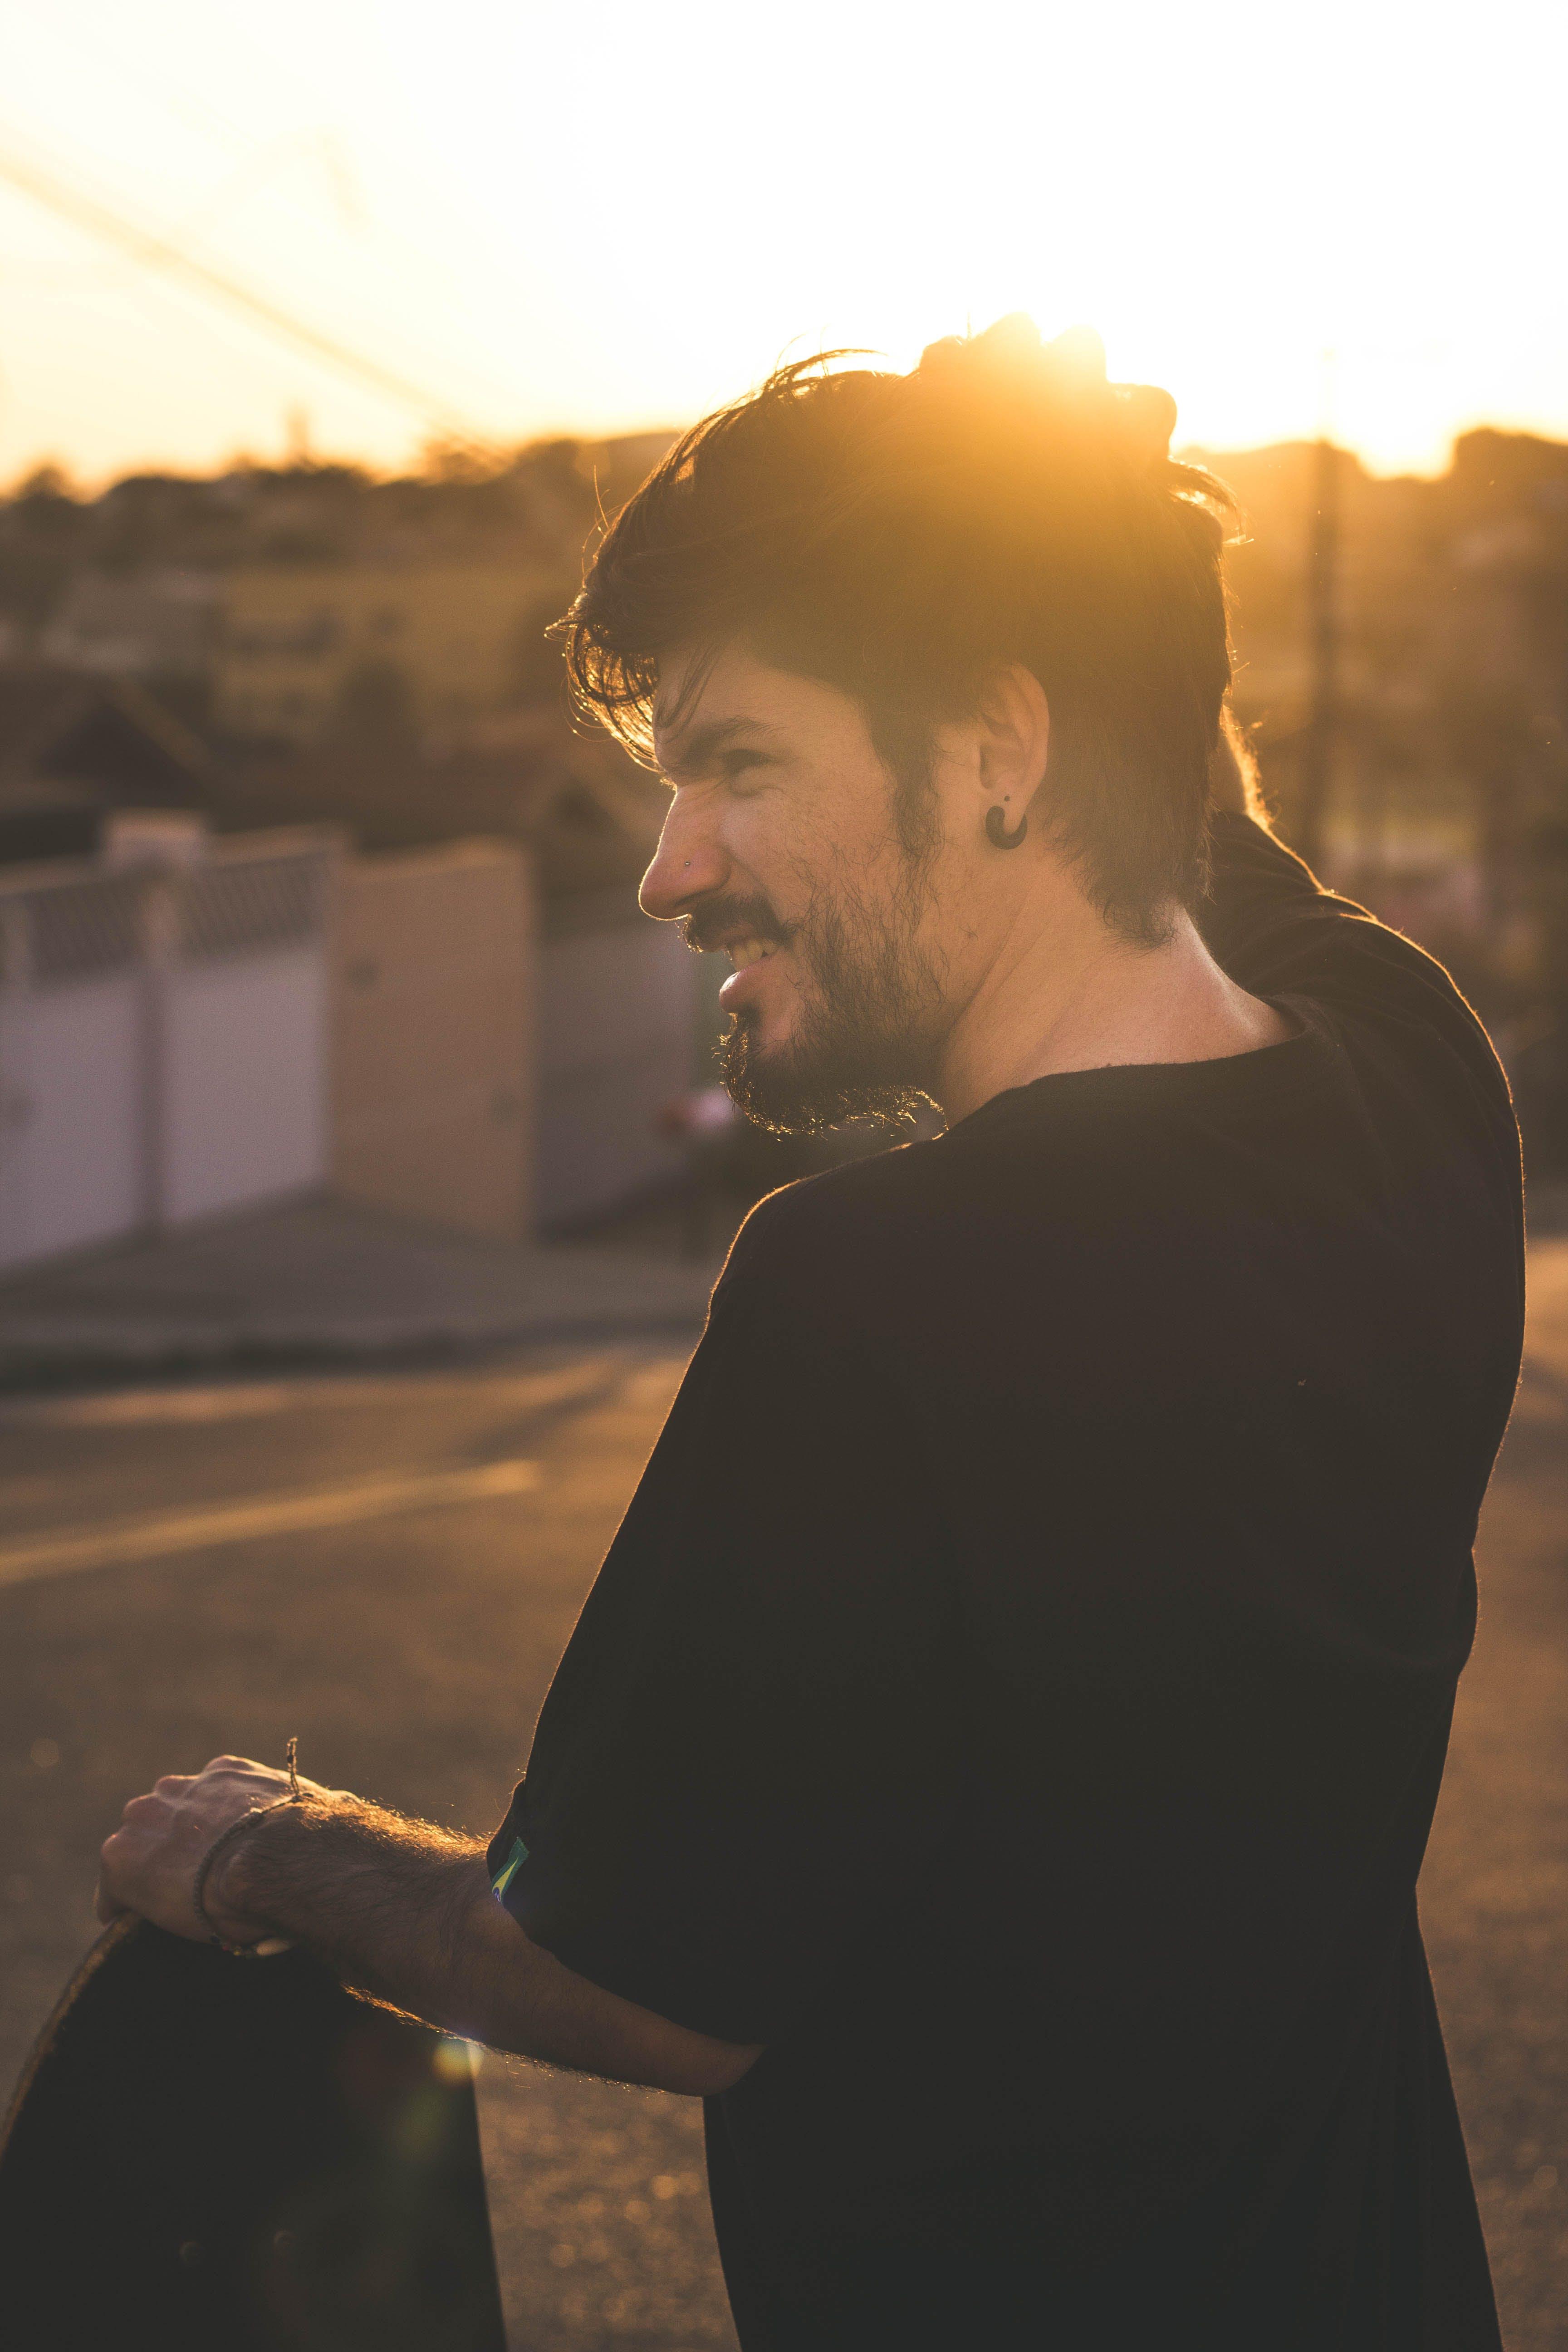 adam, altın saat, gülümsemek, kişi içeren Ücretsiz stok fotoğraf